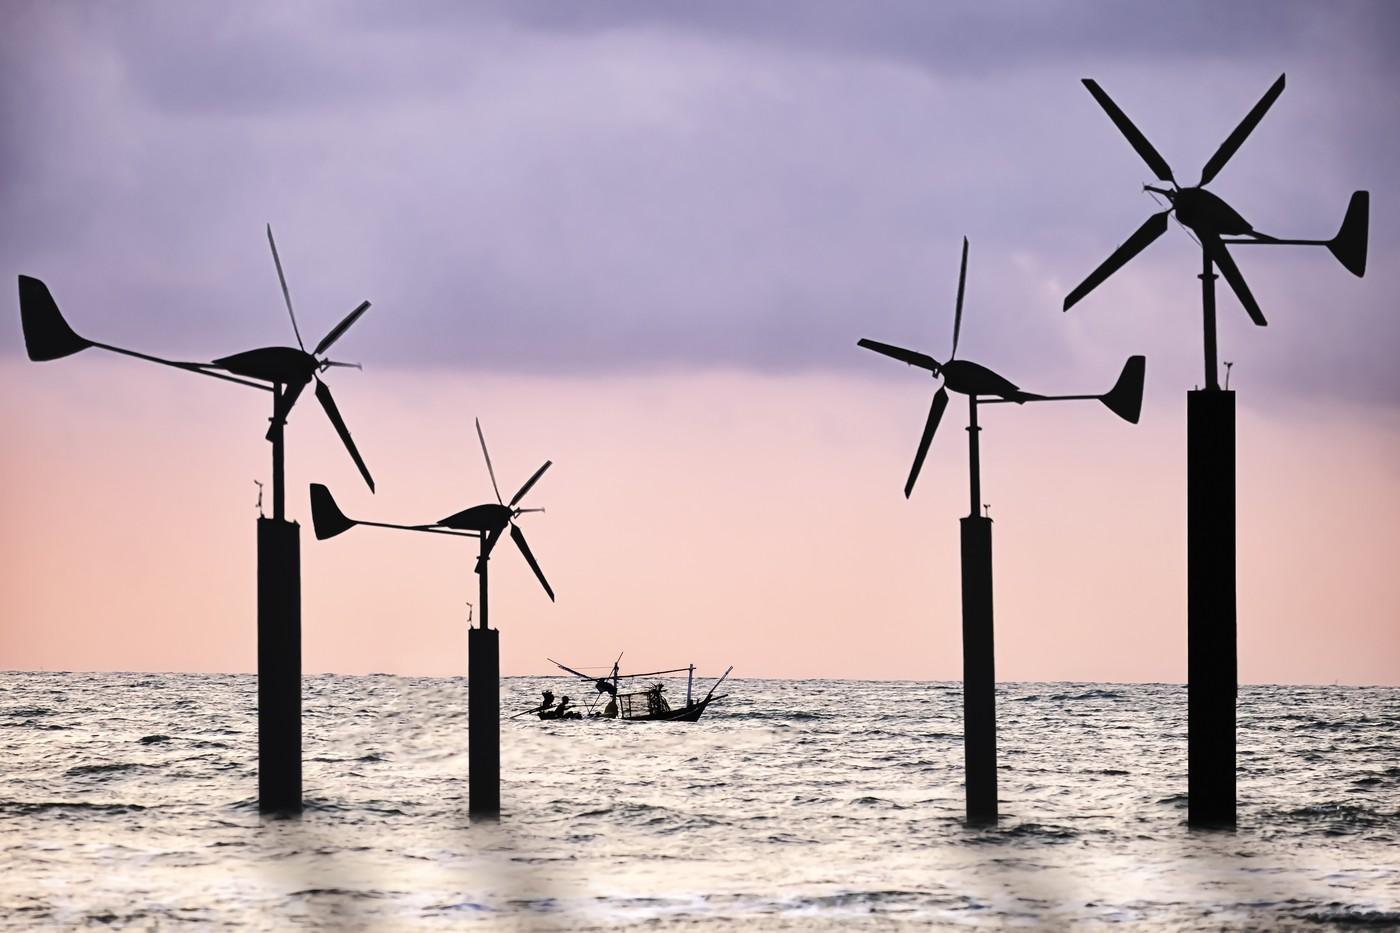 西門子離岸風機亞太總部落腳台灣,提六大聲明,要強化台德能源轉型